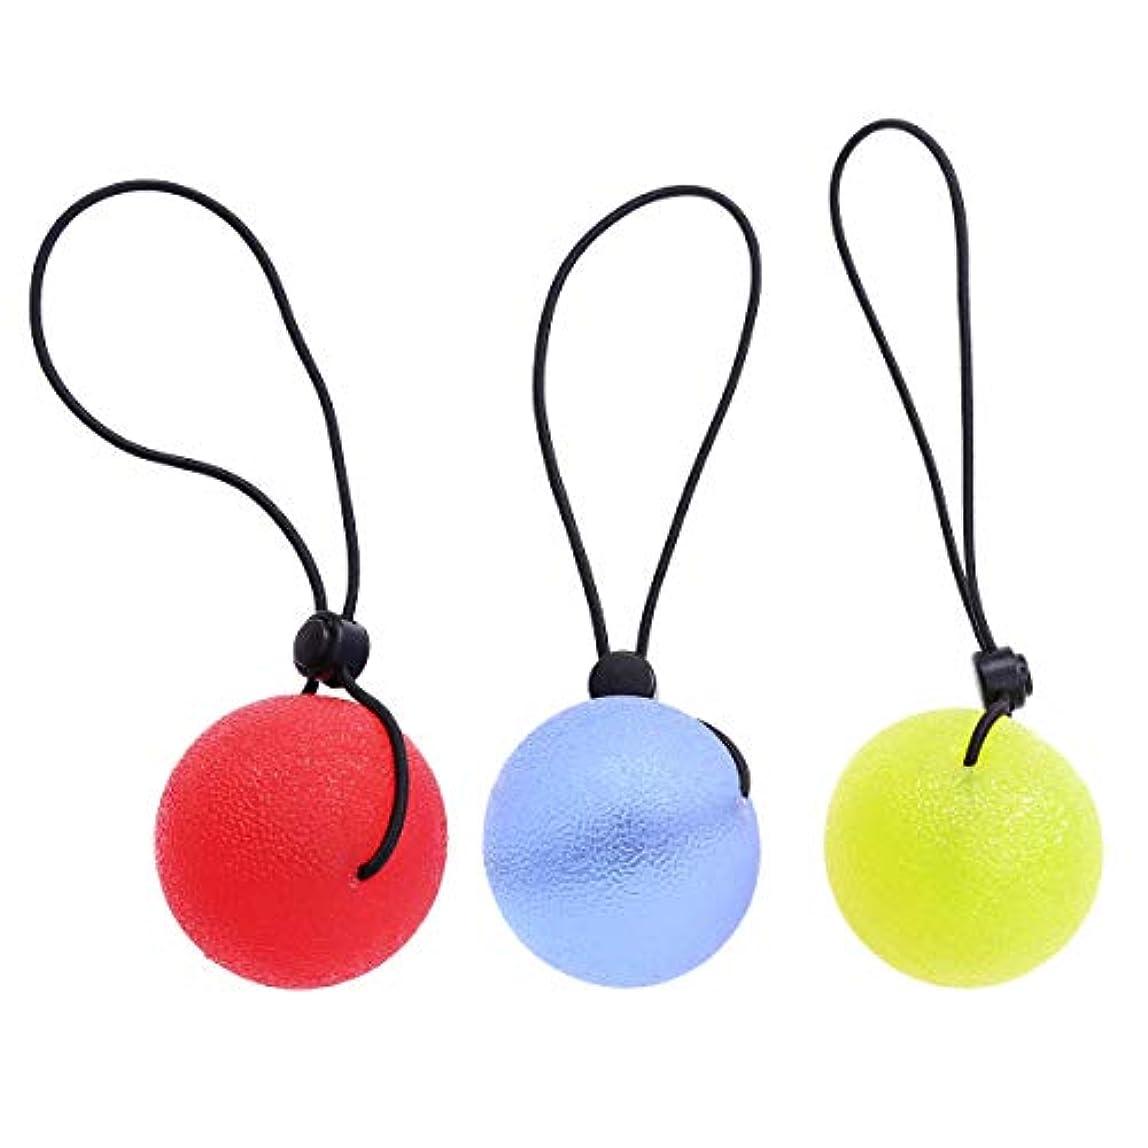 租界おかしいロッジSUPVOX 3個シリコーングリップボールハンドエクササイズボールハンドセラピー強化剤トレーナー